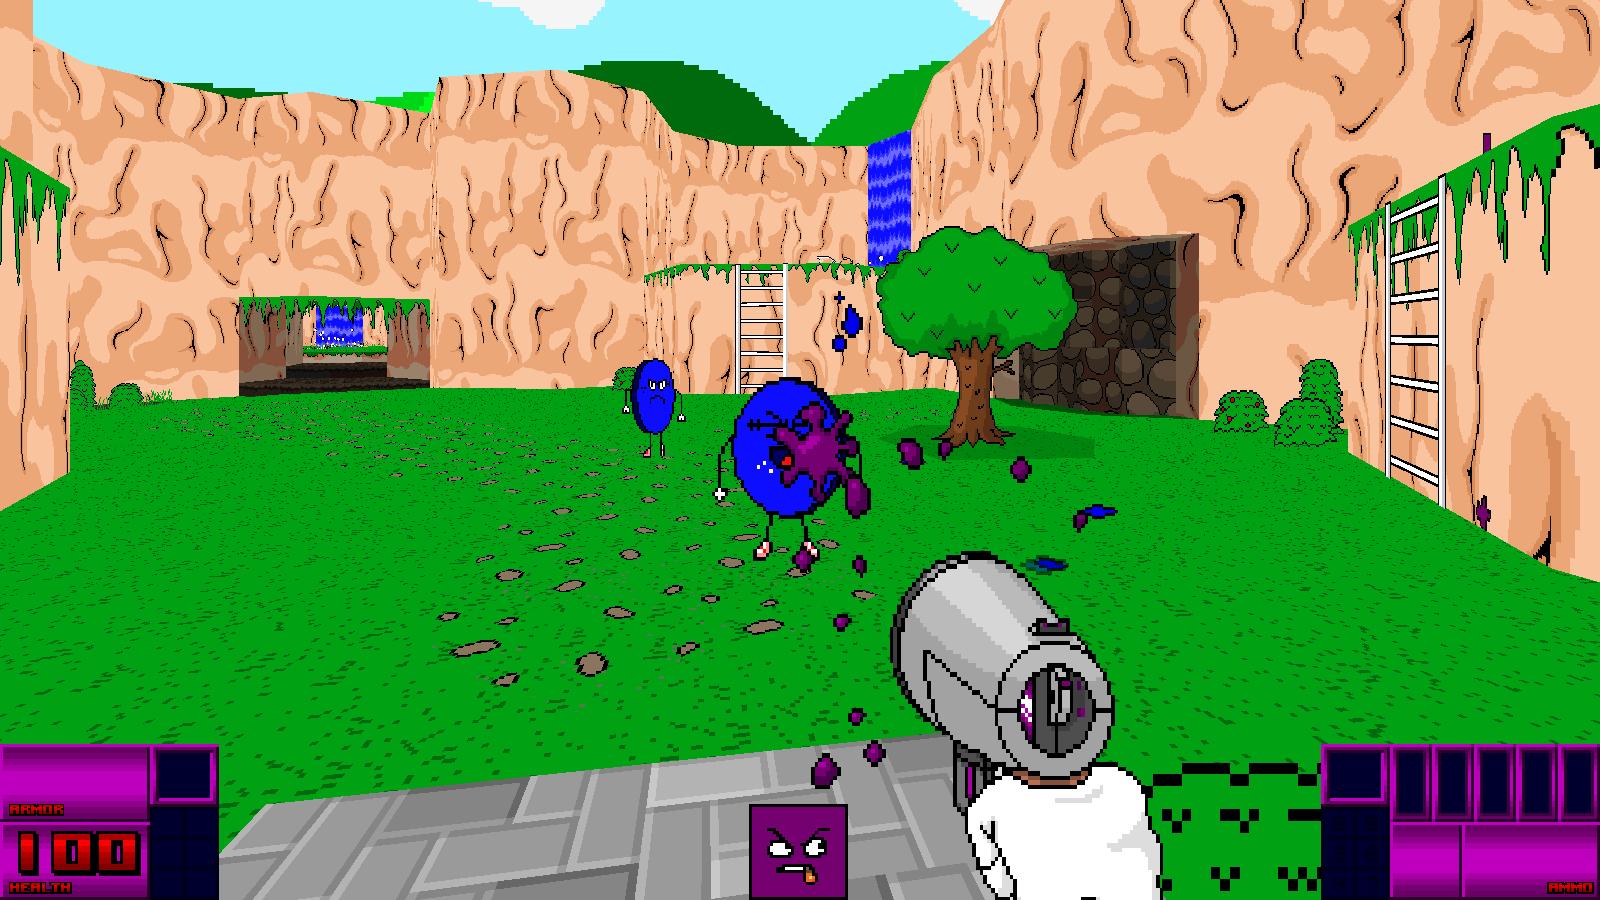 Gfy Hd Pixel Art Maker - Gonzagasports